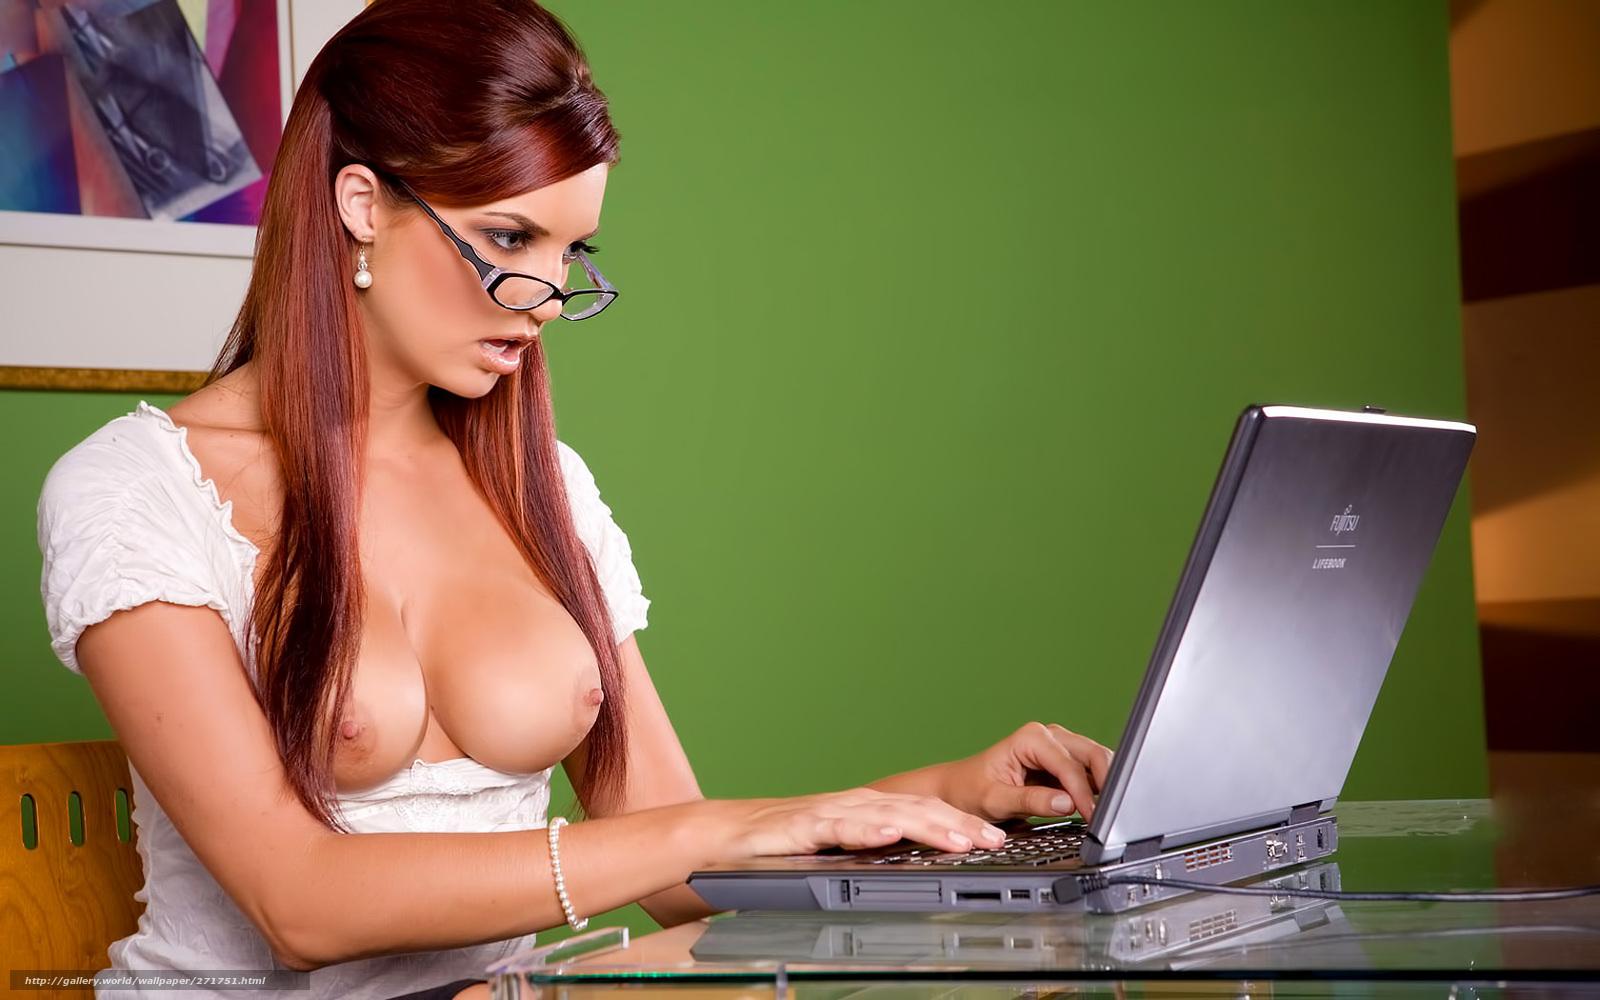 Роскошные девушки по вызову онлайн 23 фотография